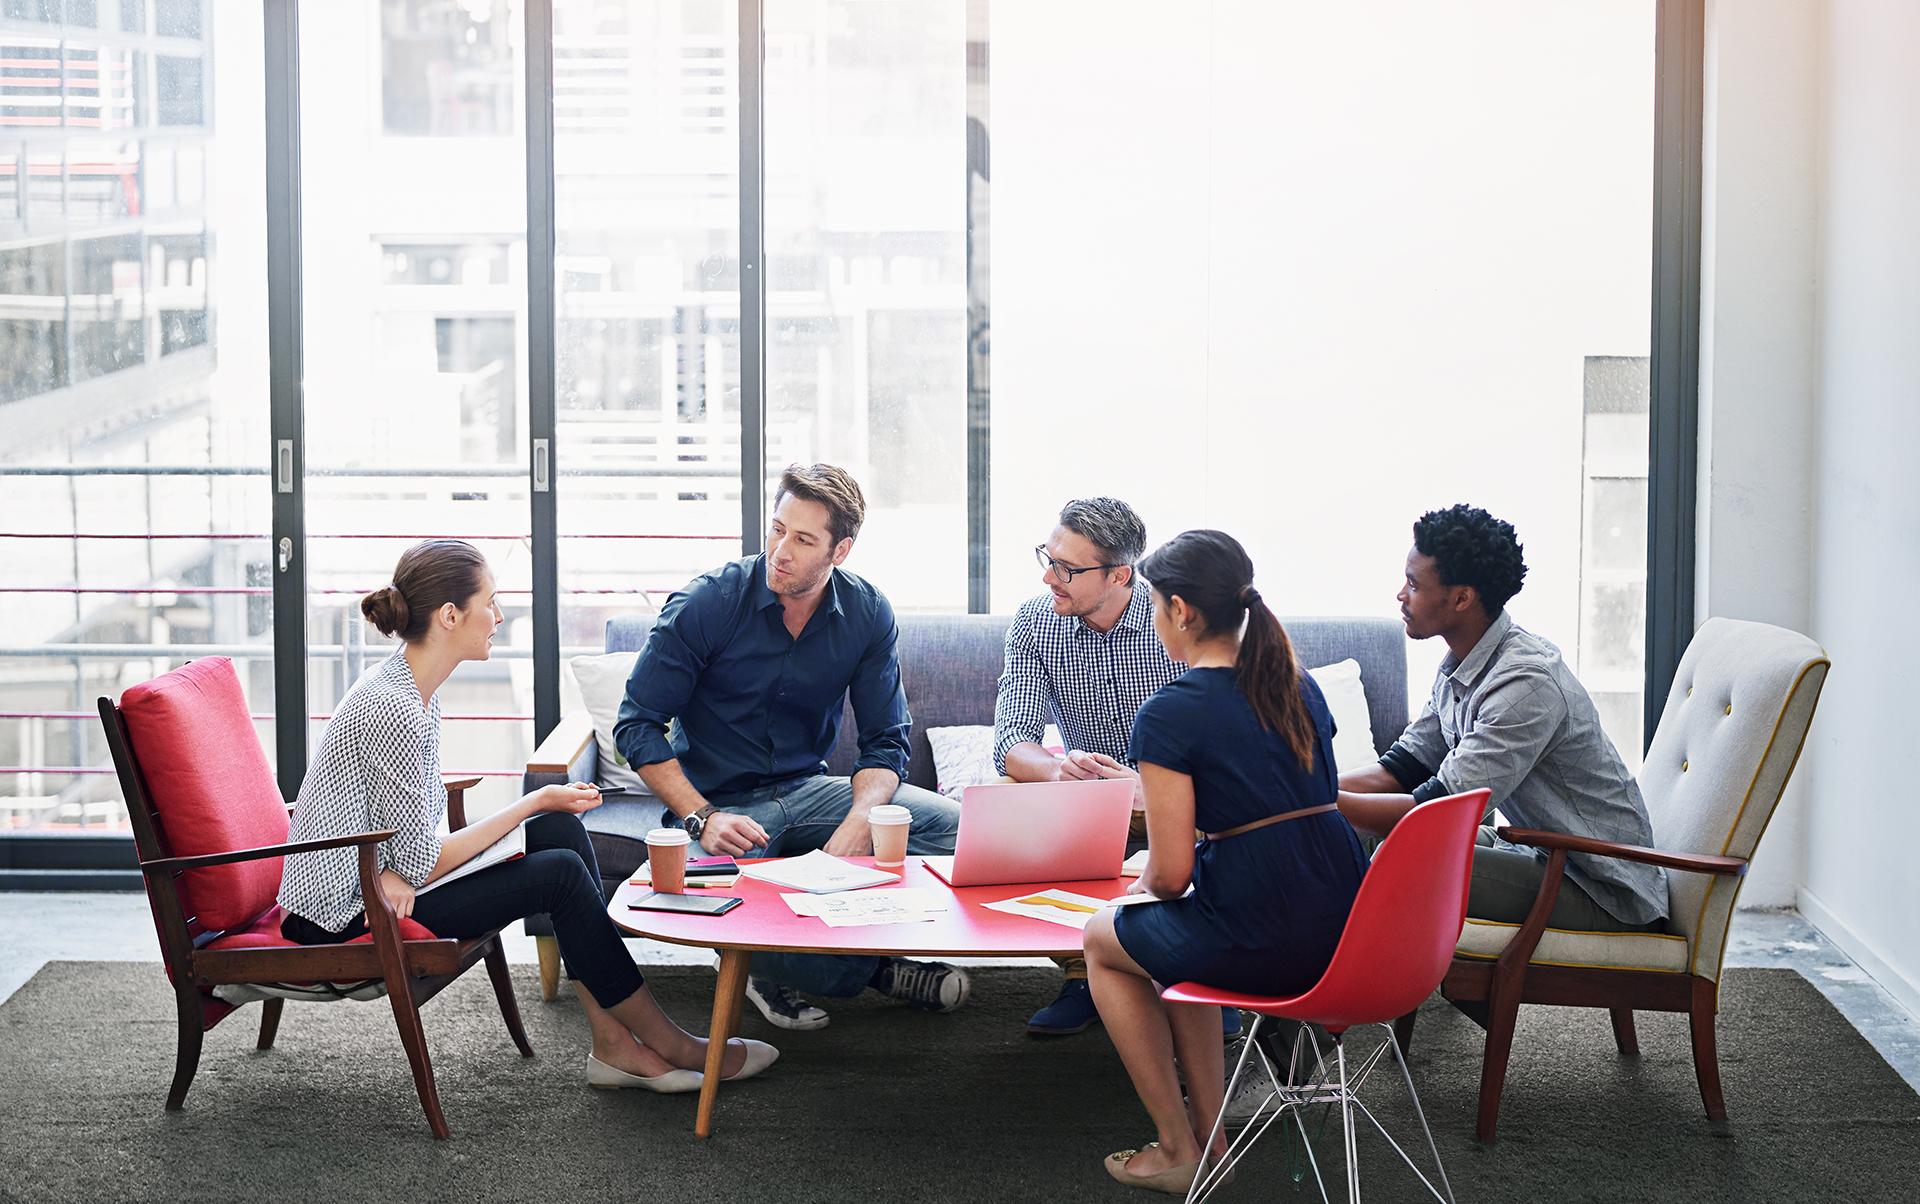 Dans une entreprise une équipe concentrée de 5 adultes actifs qui communiquent sans stress, l'institut neurofeedback normandie coach les professionnels